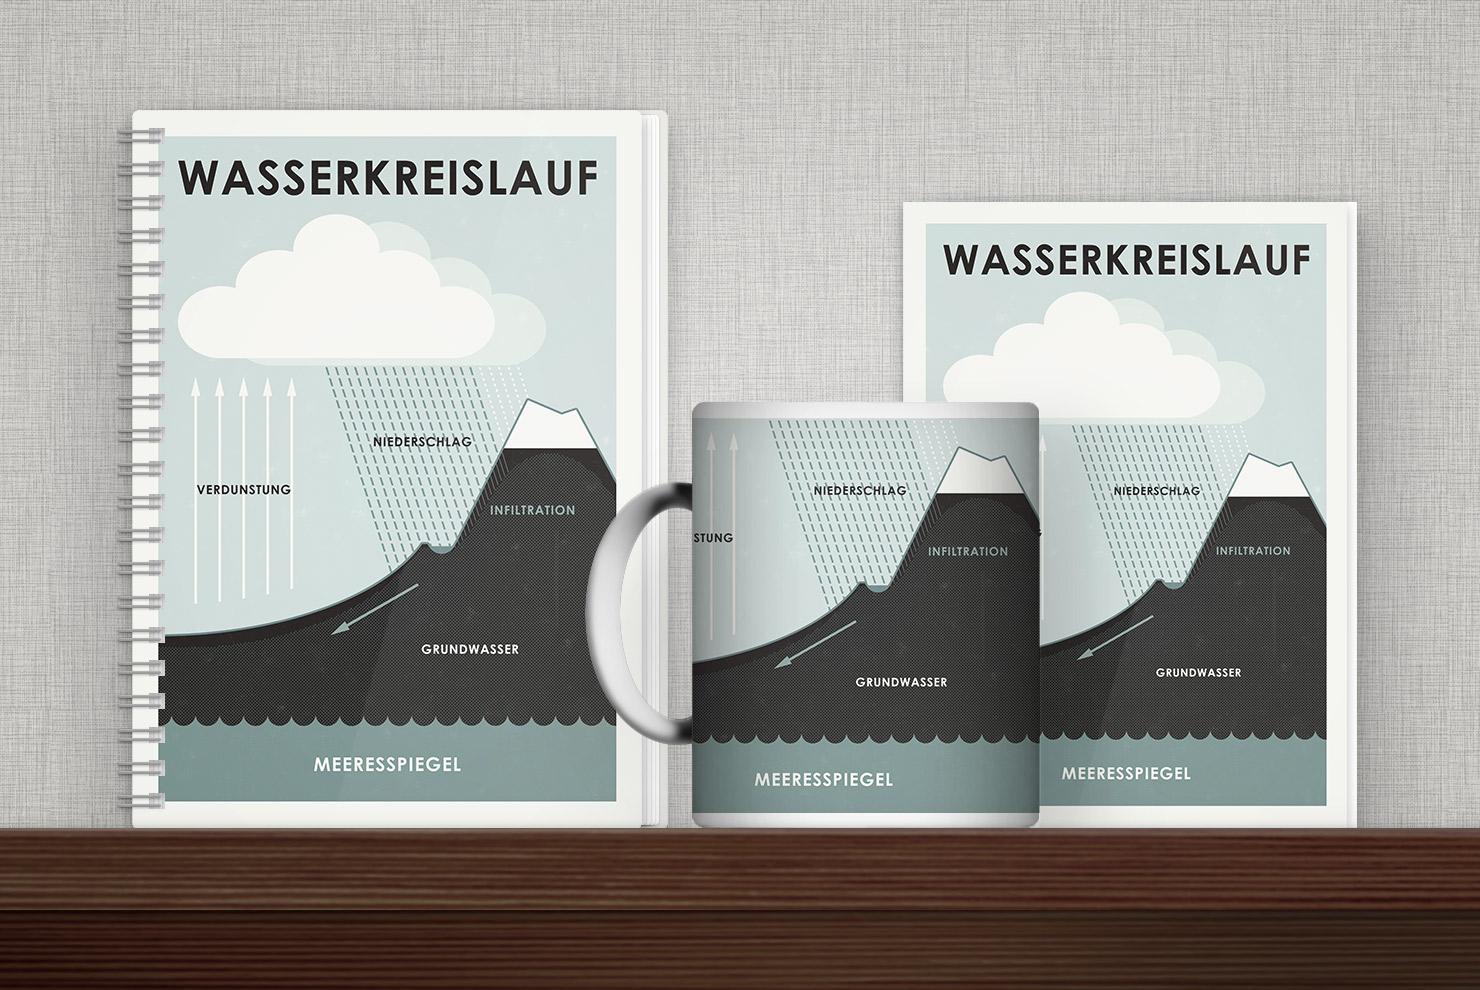 Bedruckte Produkte wie Tasse, Buch, Karte oder Tasche mit einer Infografik zum Wasserkreislauf von Iris Luckhaus